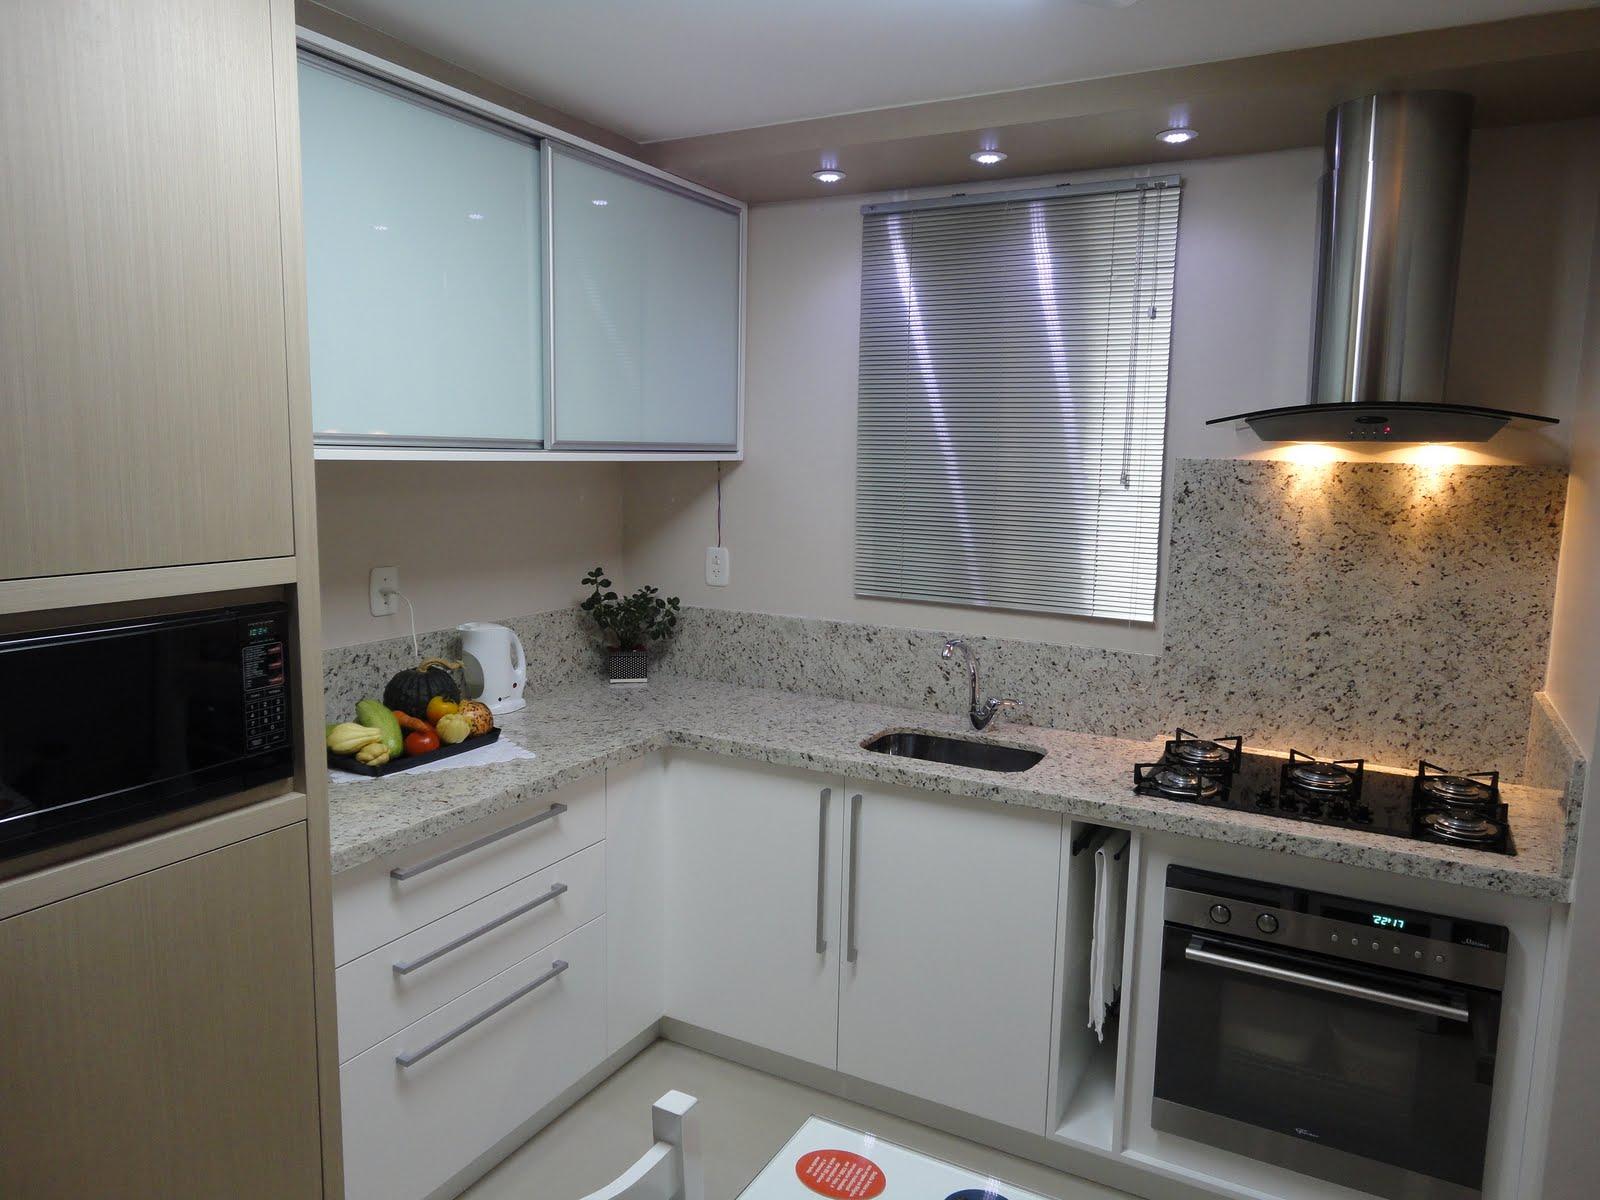 Another Image For Banquetas para Cozinha Americana Cozinha Planejada  #846047 1600 1200